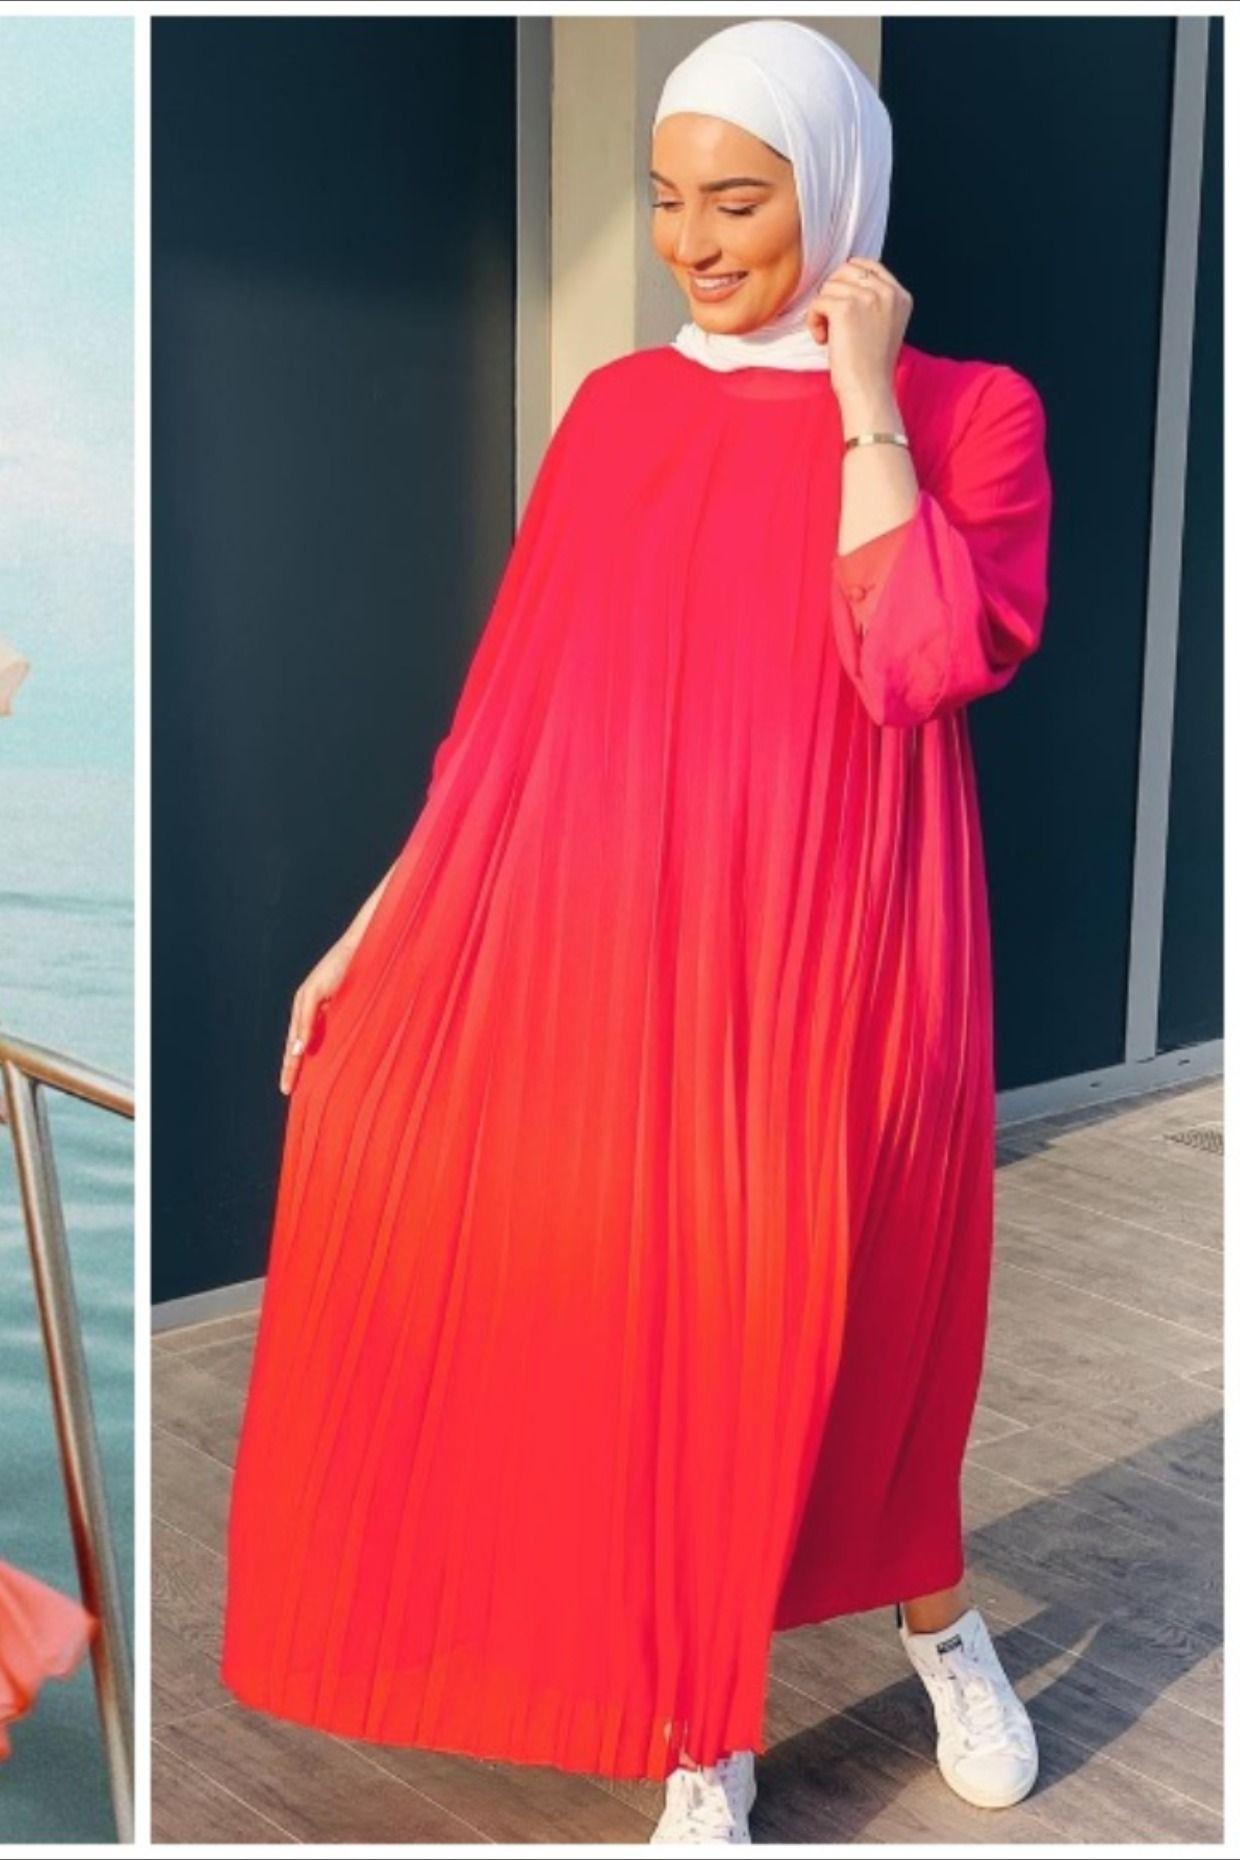 ستايل الجمعة أفكار متنوعة لارتداء الفستان الطويل مع الحجاب Fashion Hijab Fashion Hijabi Outfits Casual